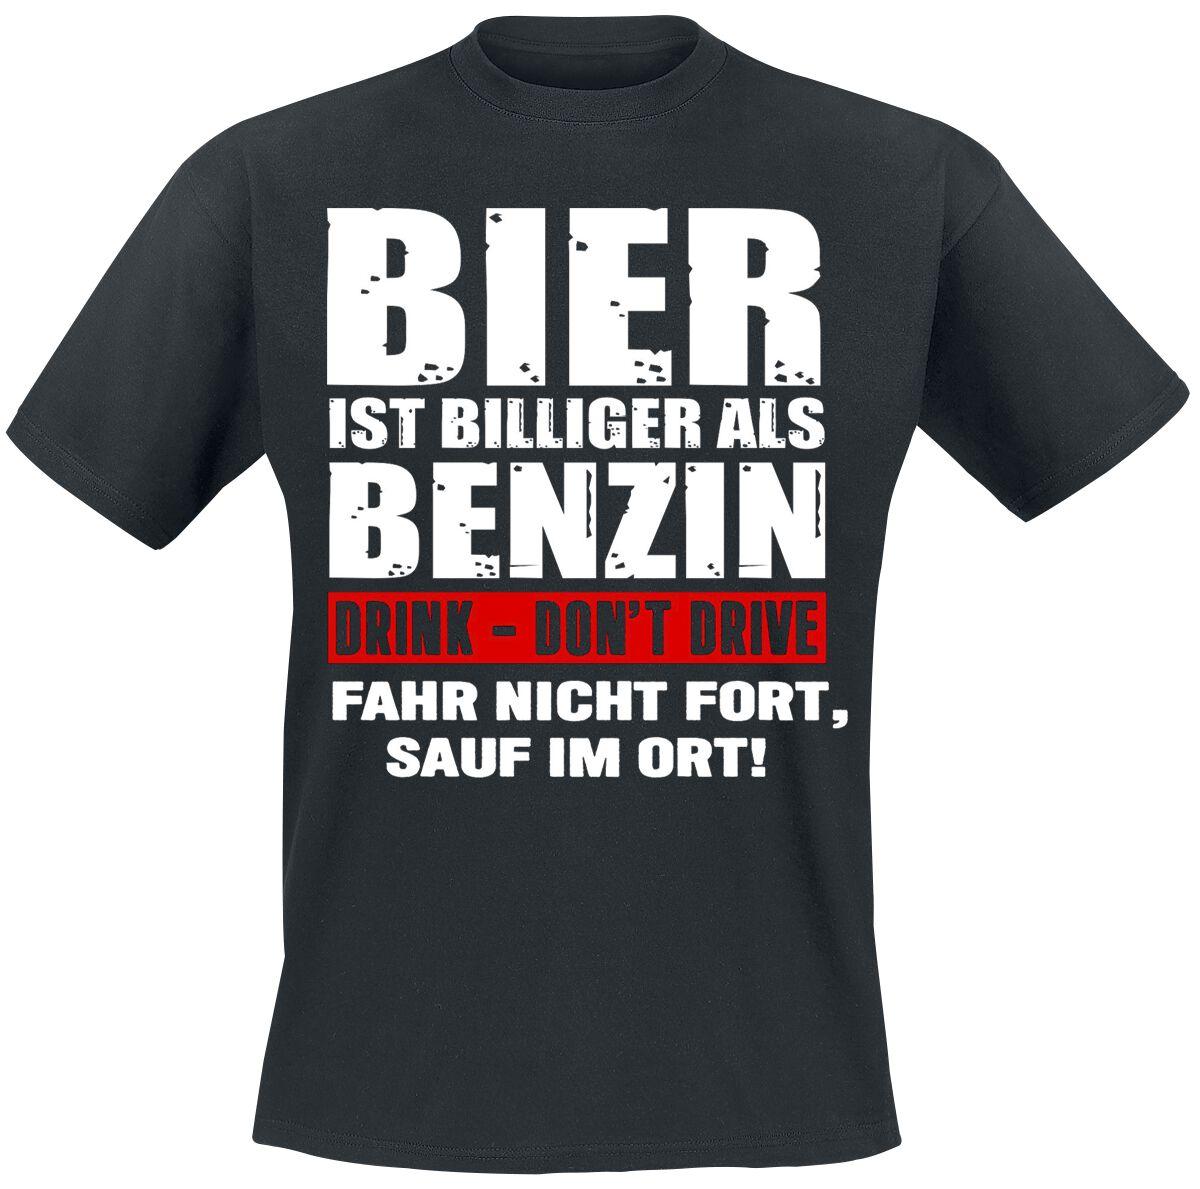 Bier ist billiger als Benzin T-Shirt schwarz 4049